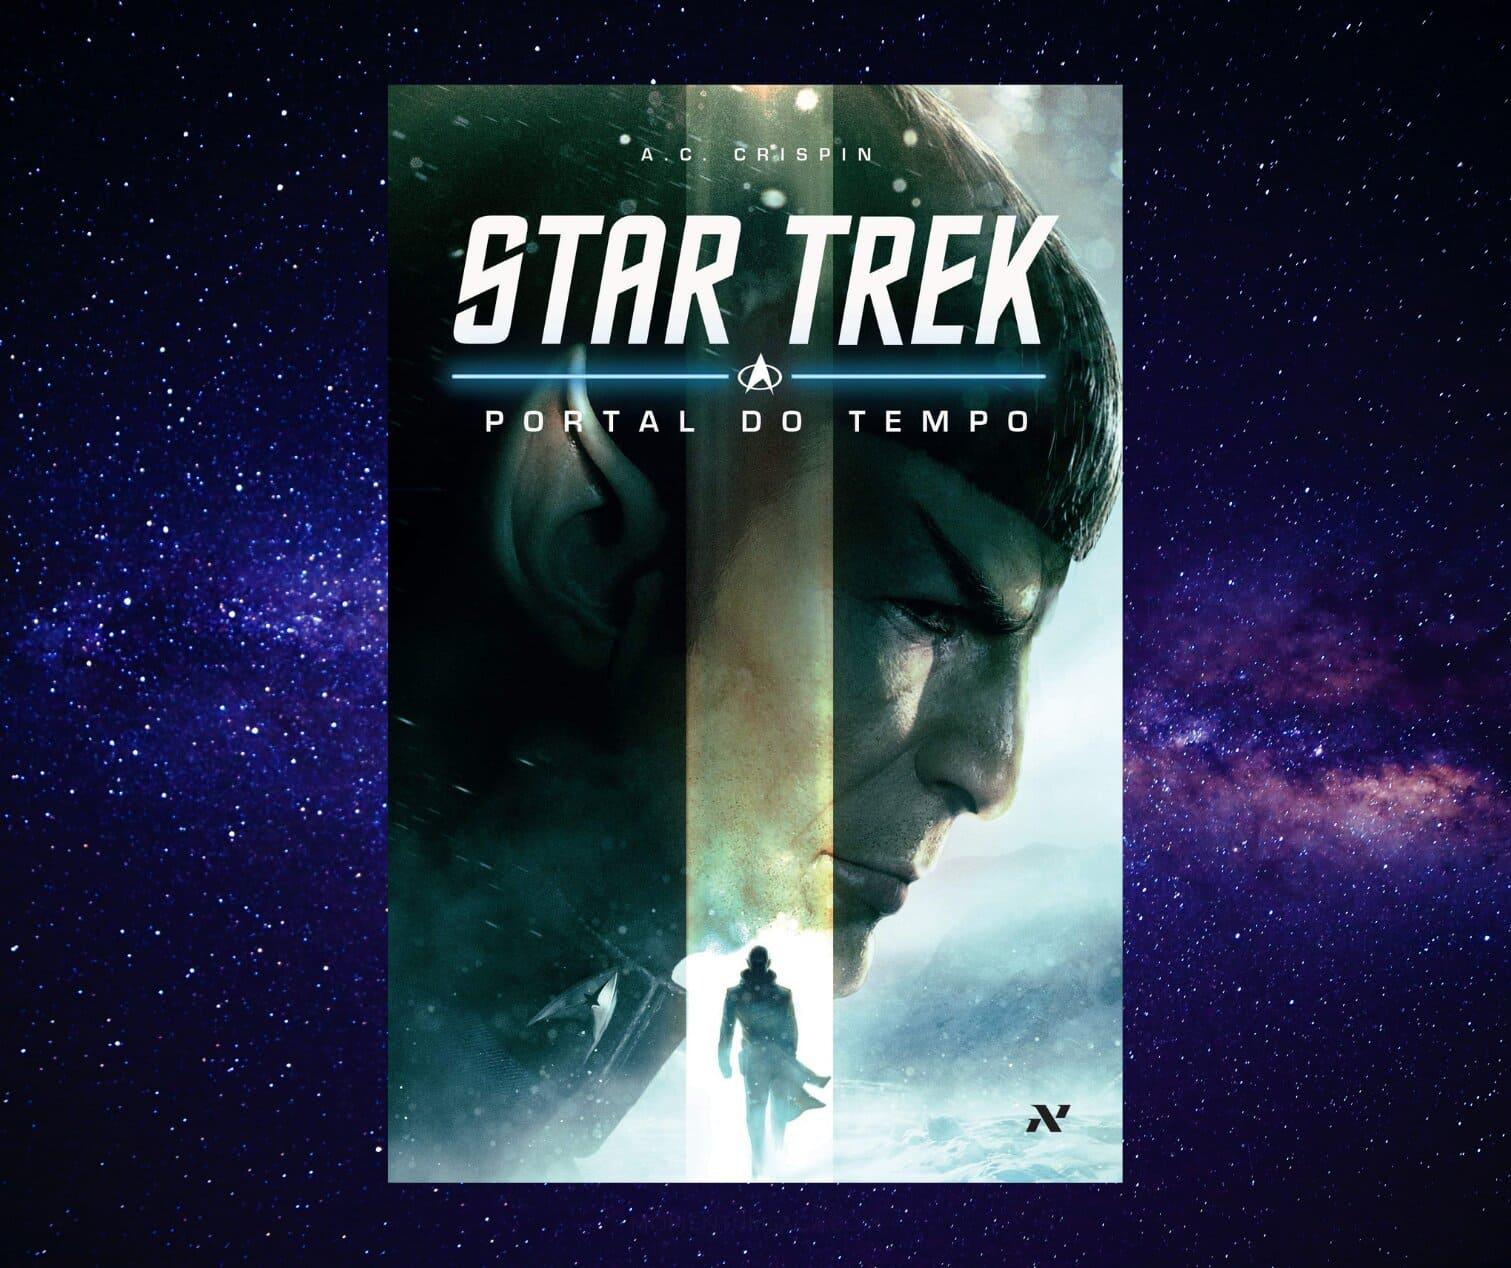 Resenha: Star Trek - Portal do Tempo, de Ann C. Crispin